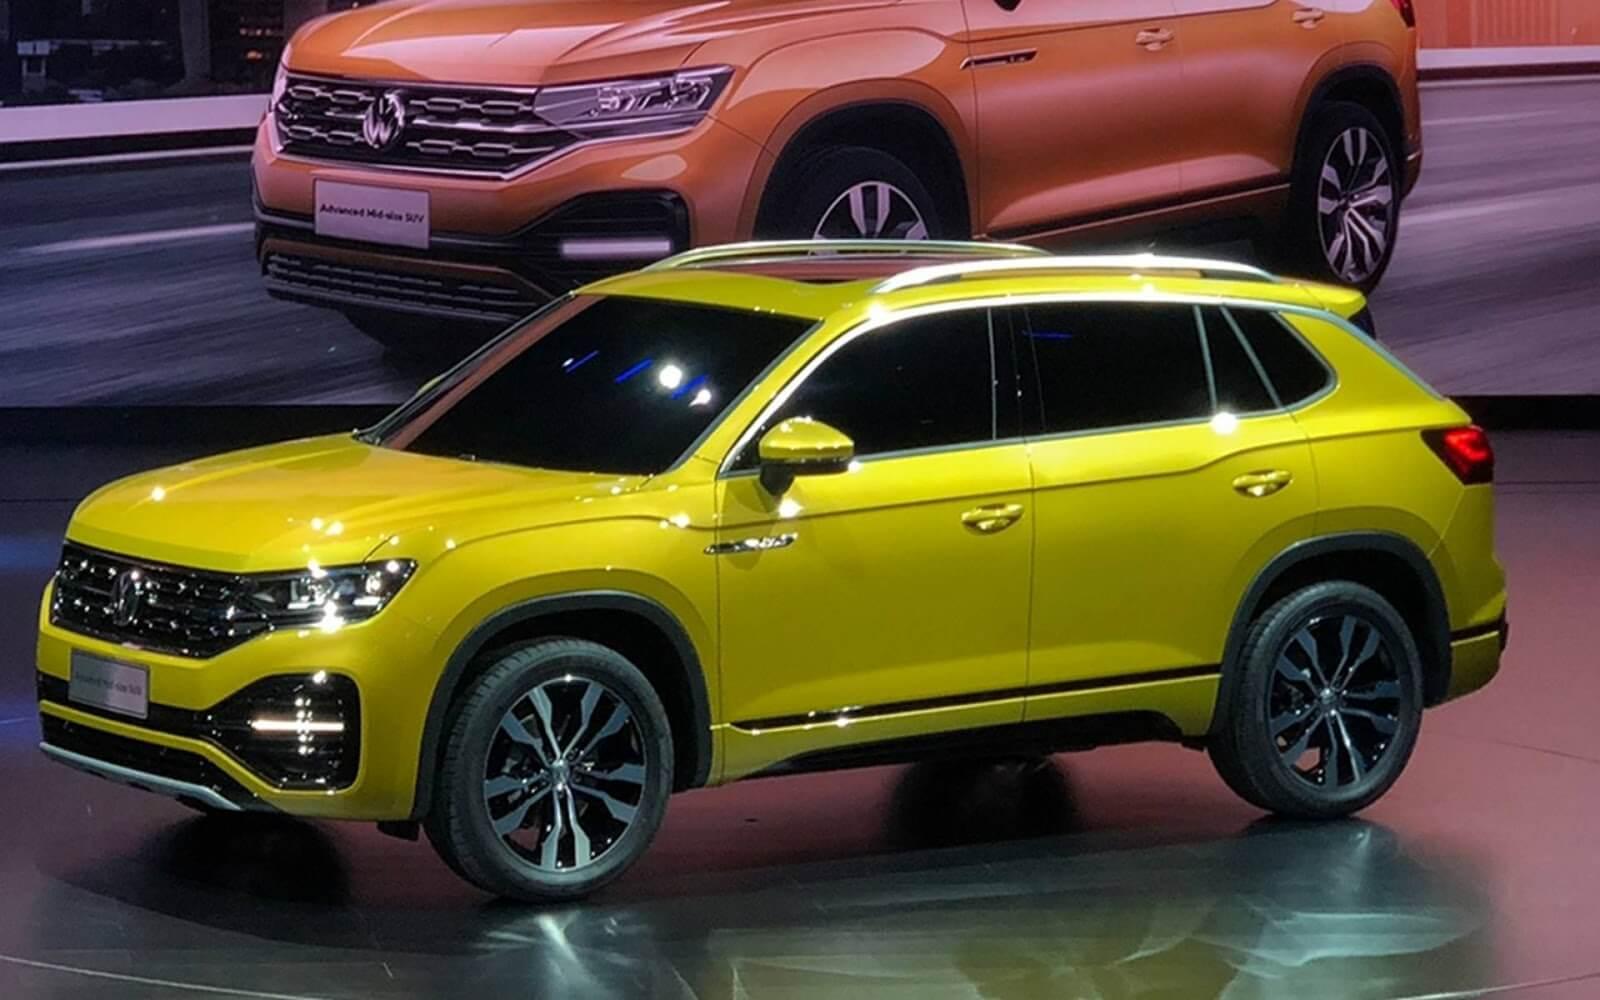 Запущено производство нового кроссовера Volkswagen Tayron